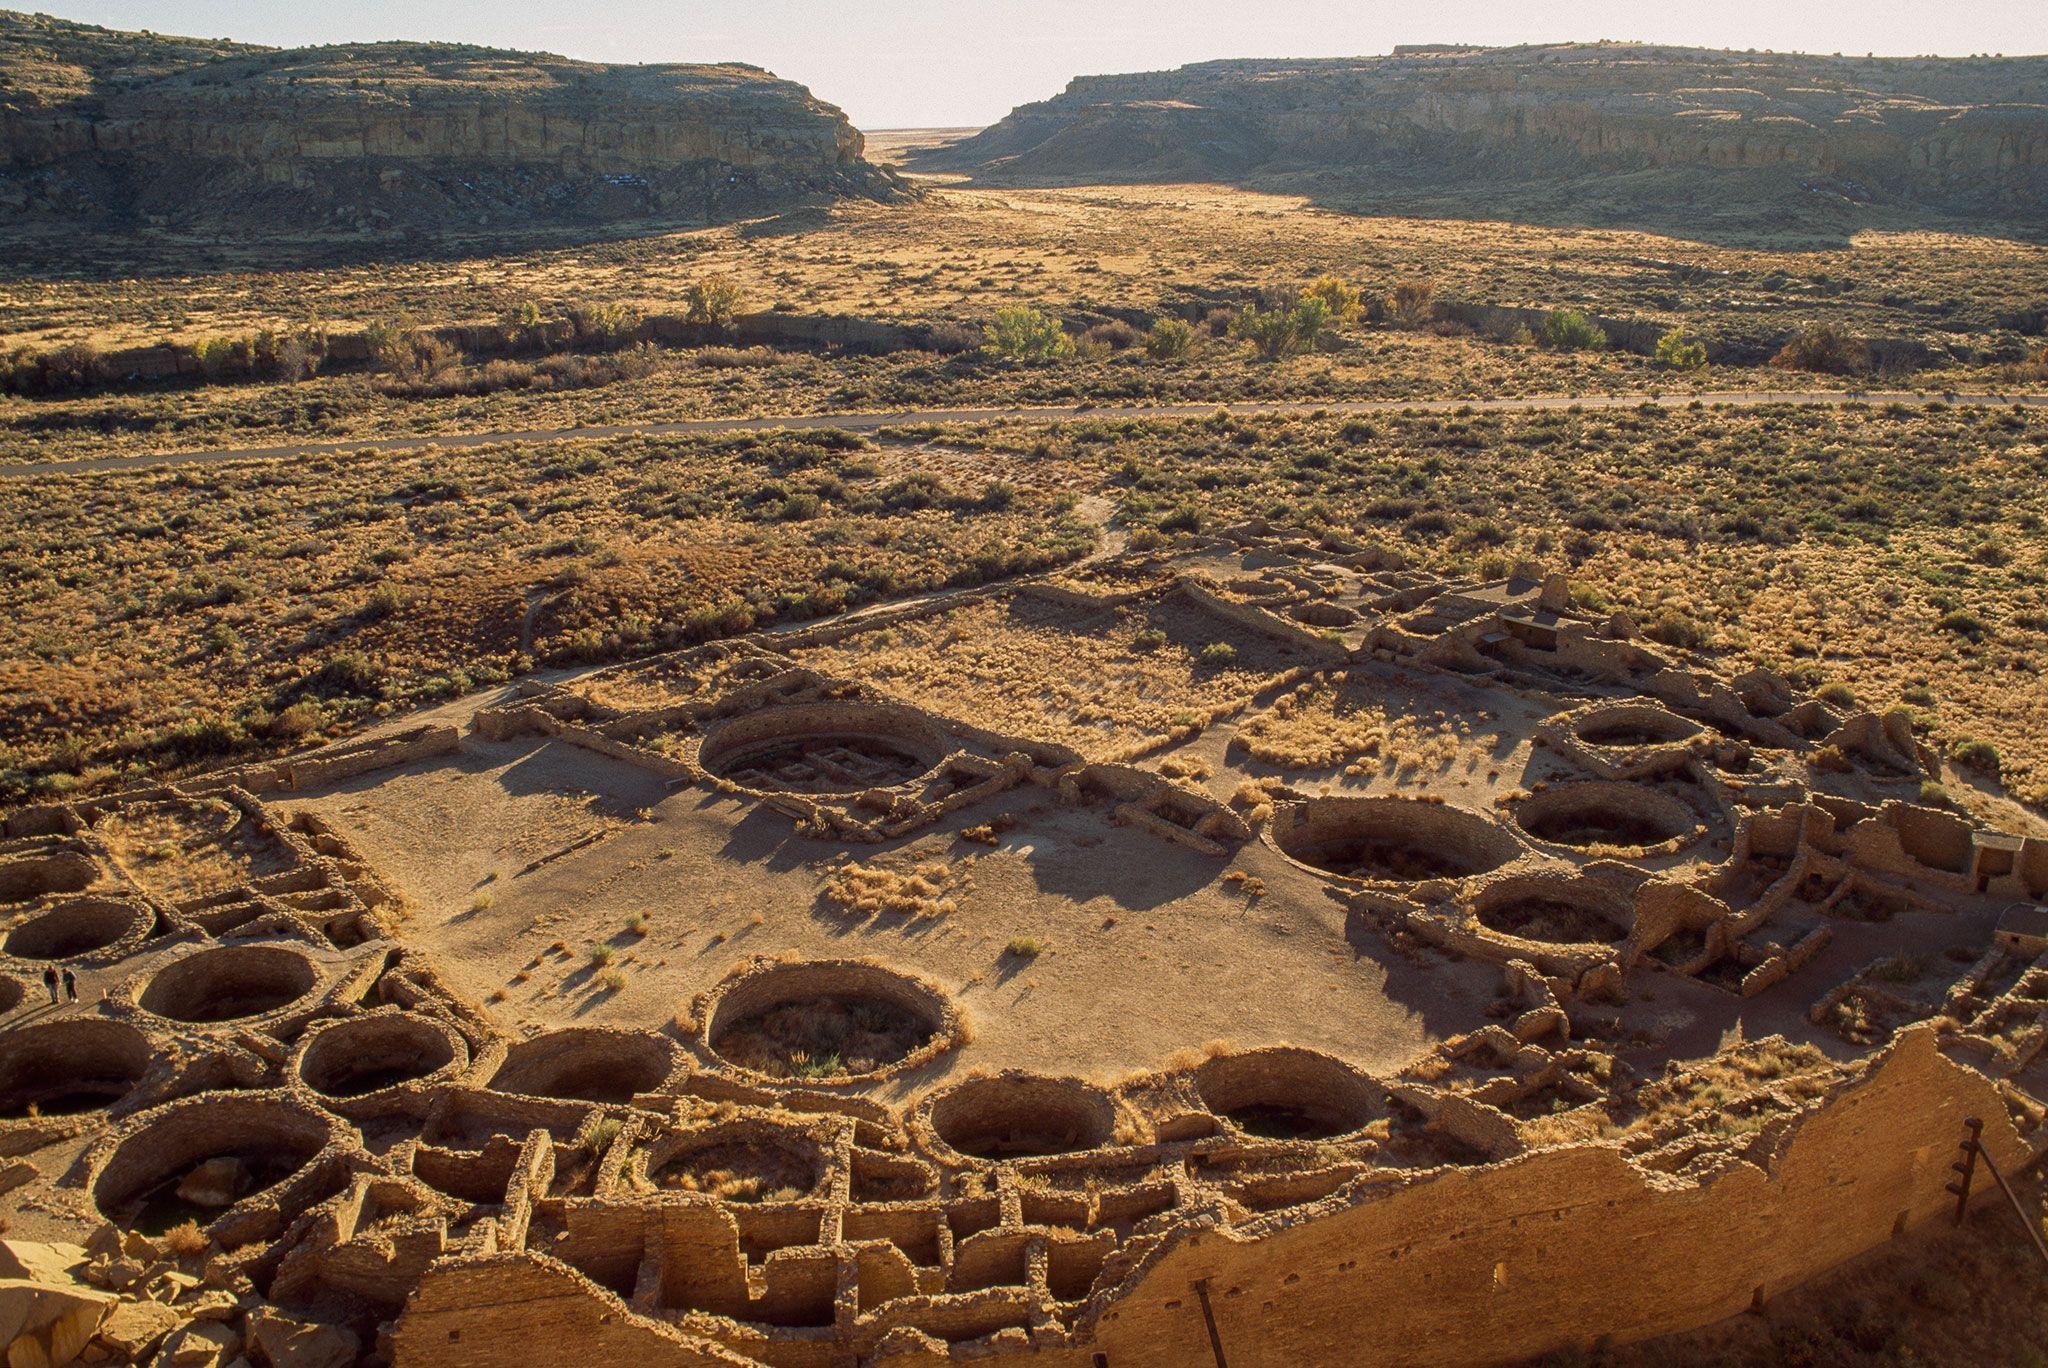 Des empreintes digitales révèlent l'organisation d'une ancienne civilisation amérindienne